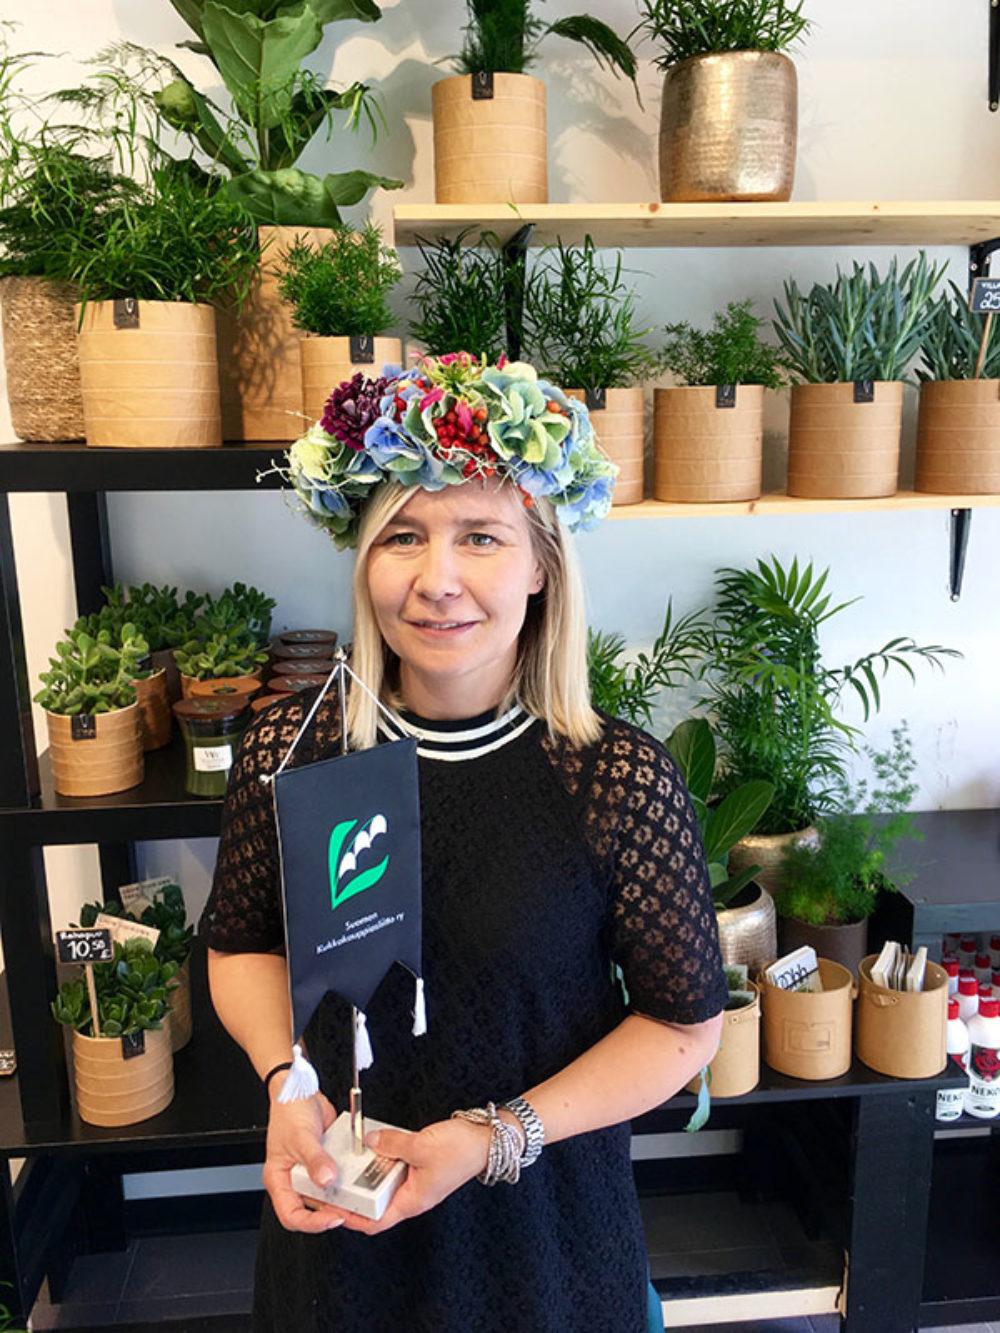 Vuoden floristi 2017 on Kirsi Martin!